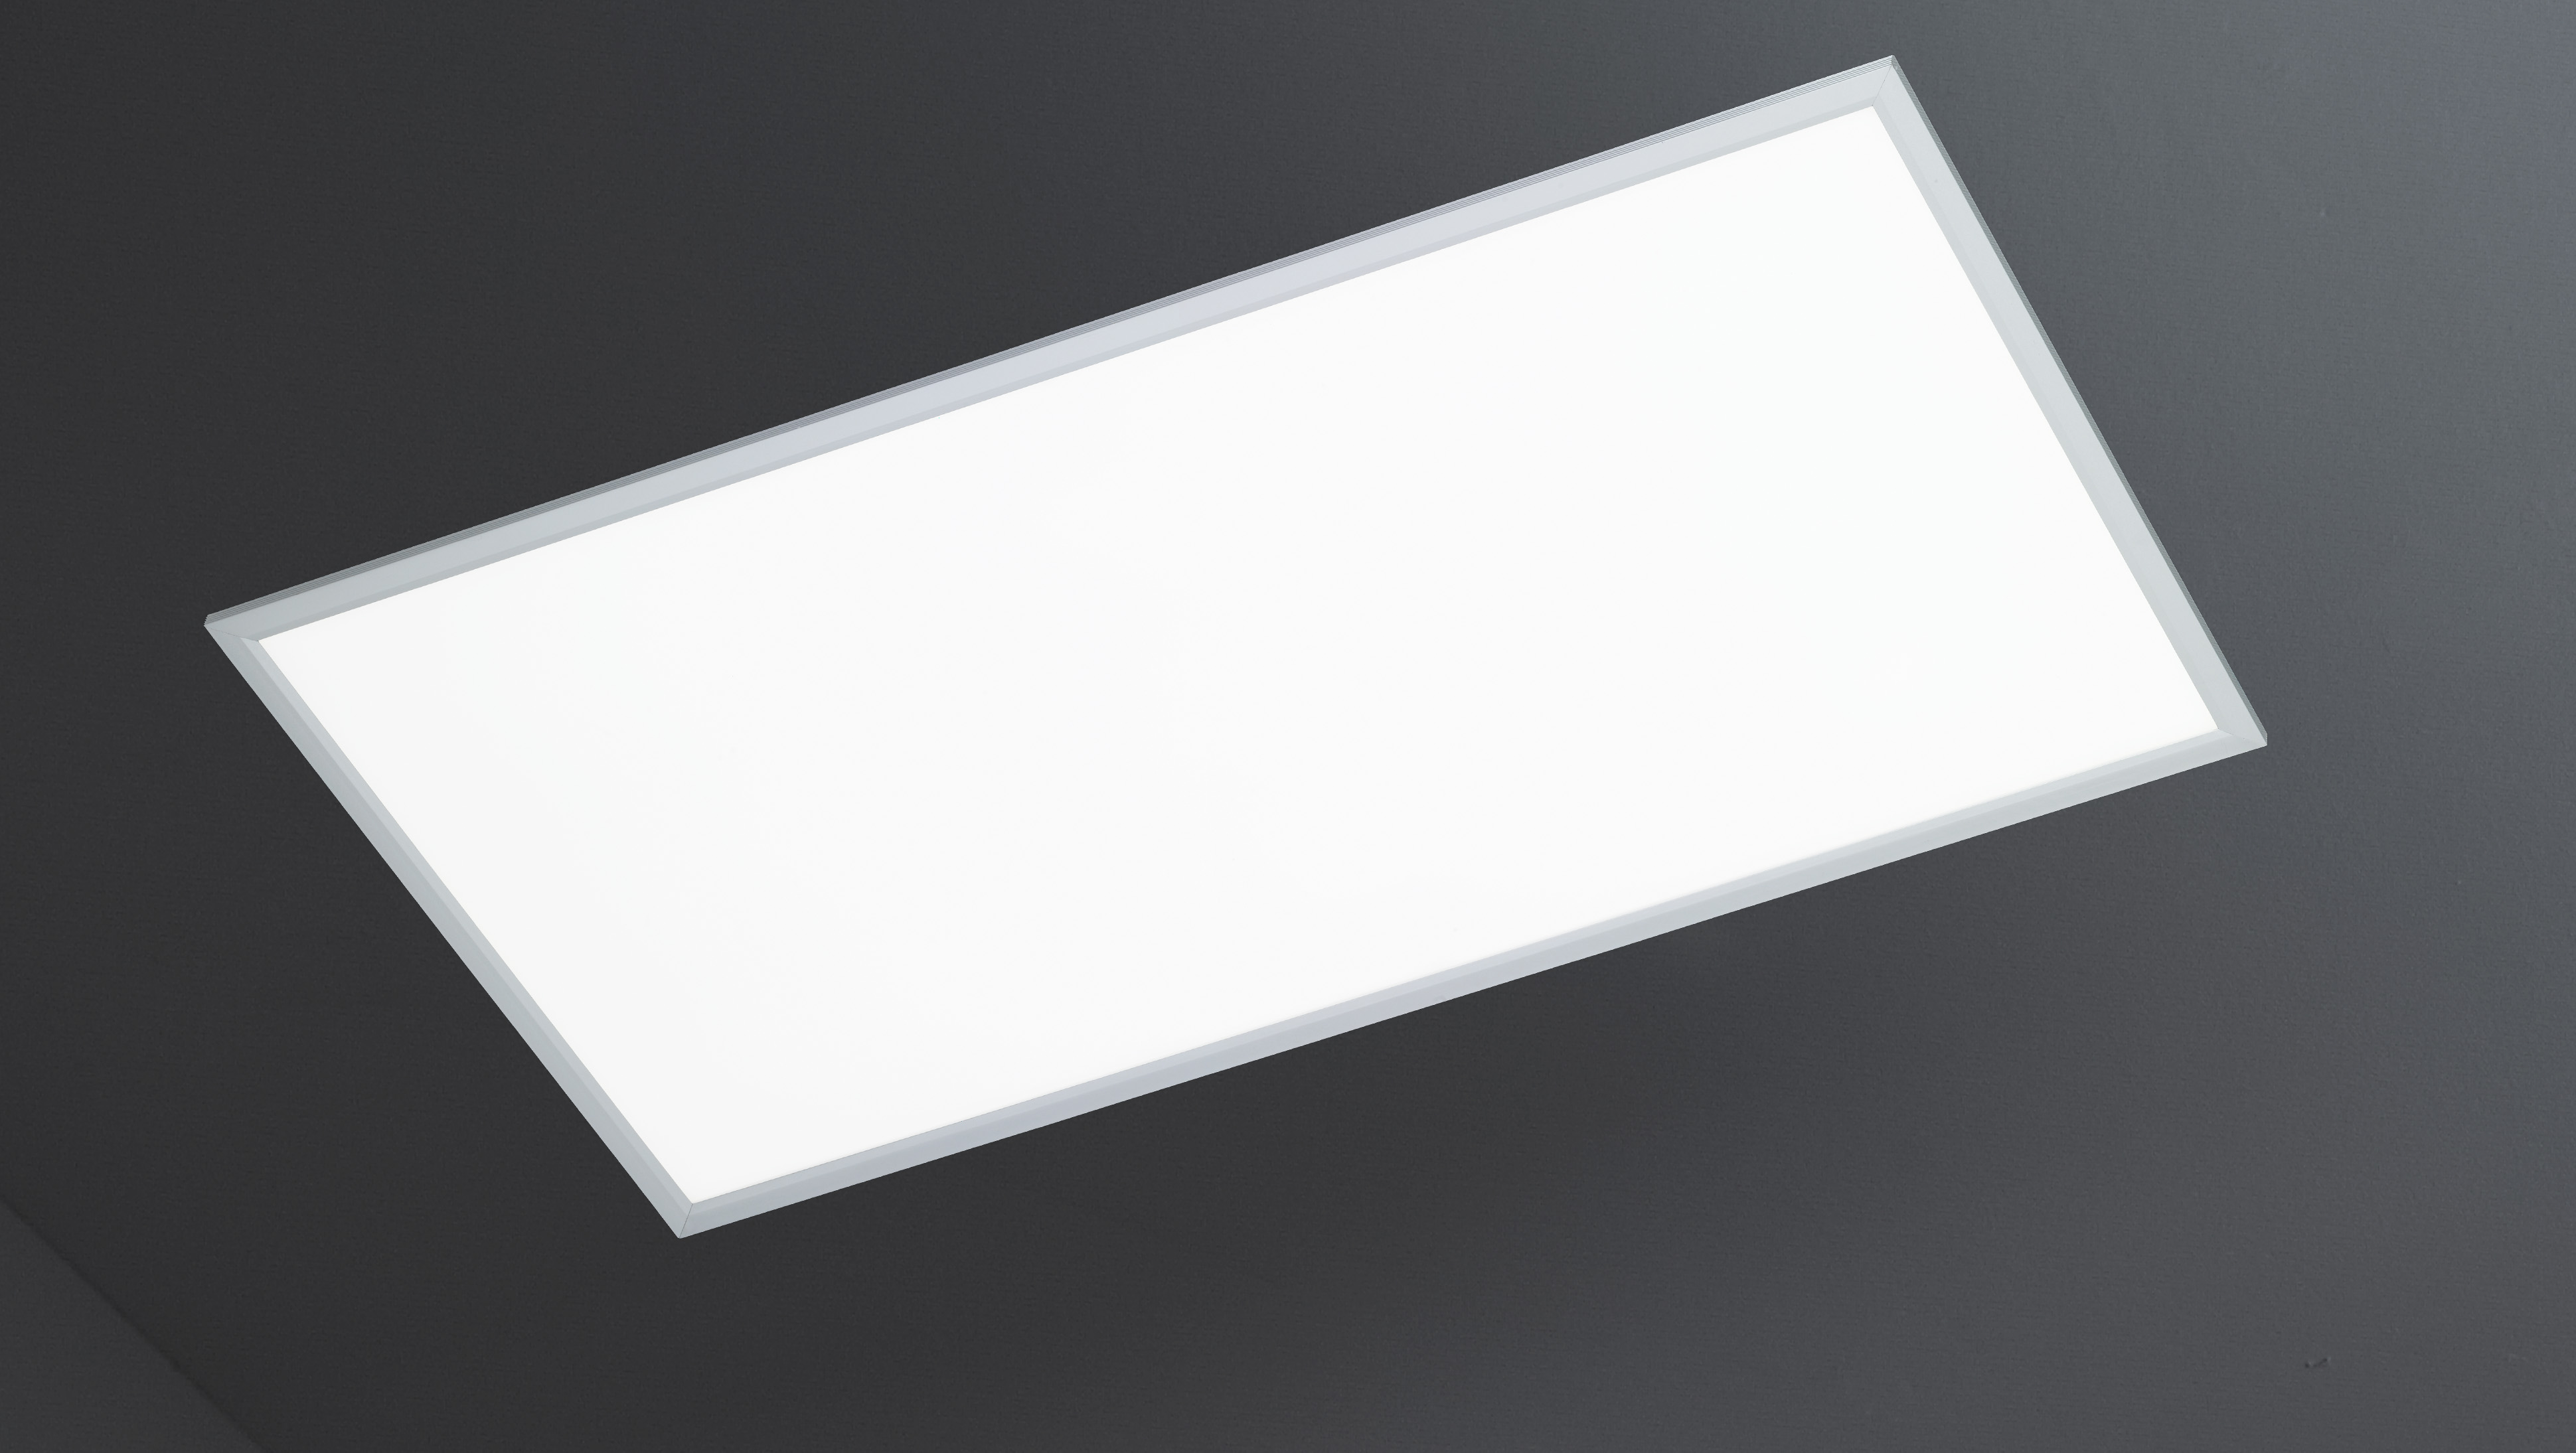 wofi deckenleuchte liv 1 flg silber 60x120 cm mit farbtemperaturwechsler. Black Bedroom Furniture Sets. Home Design Ideas